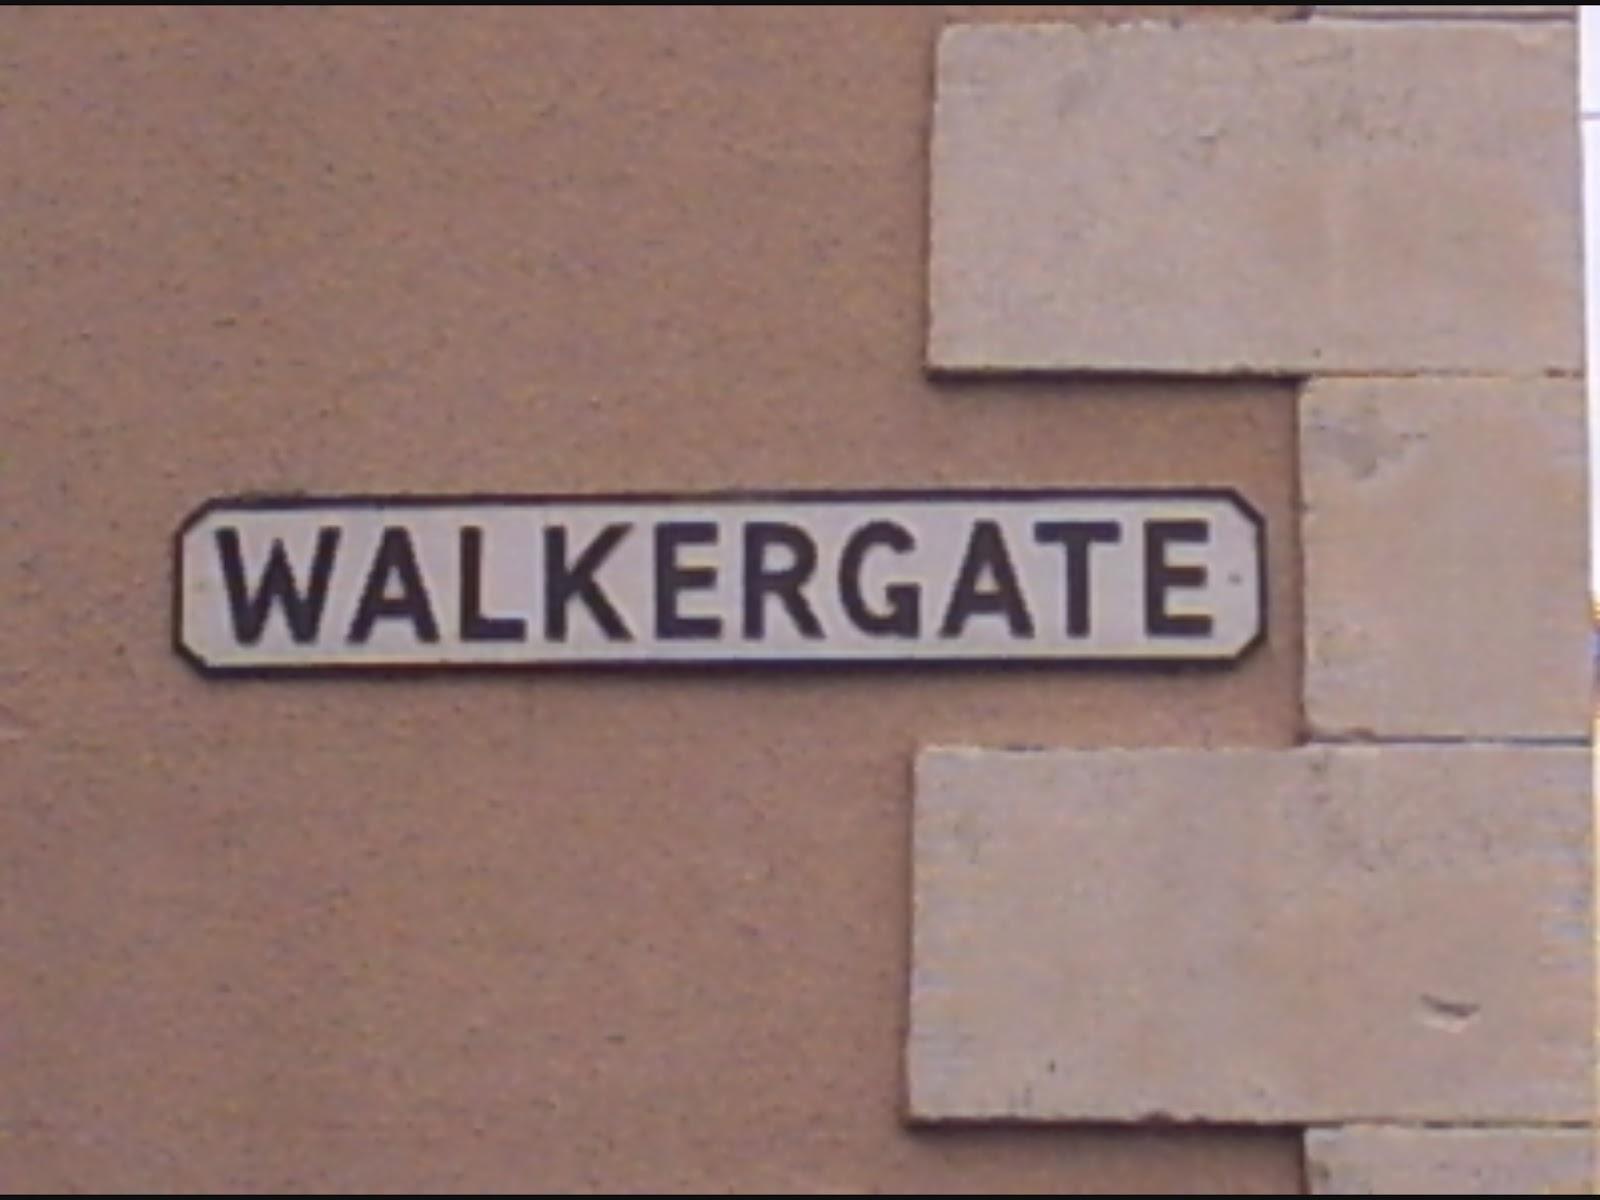 http://4.bp.blogspot.com/-jU3op1P5JdQ/UVfK3ky6LJI/AAAAAAAANnM/Itfv_bhm1QI/s1600/walkergate.jpg